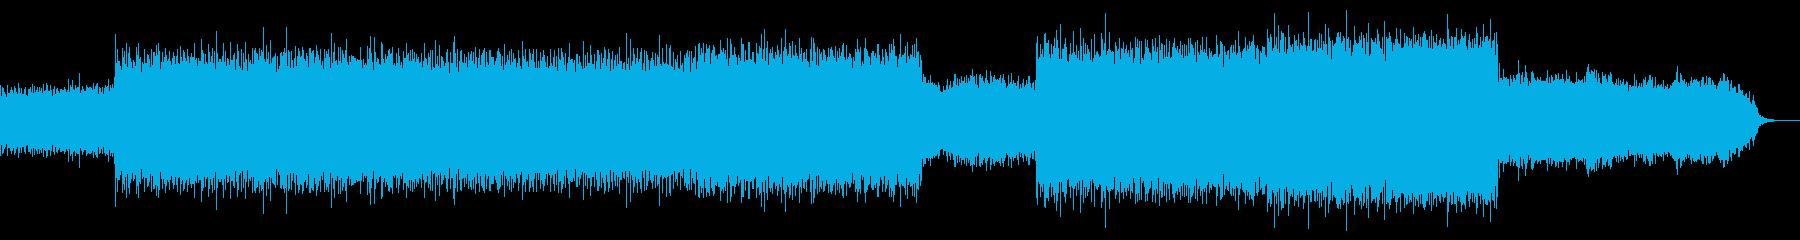 時計の音から始まる爽やかなギターポップの再生済みの波形